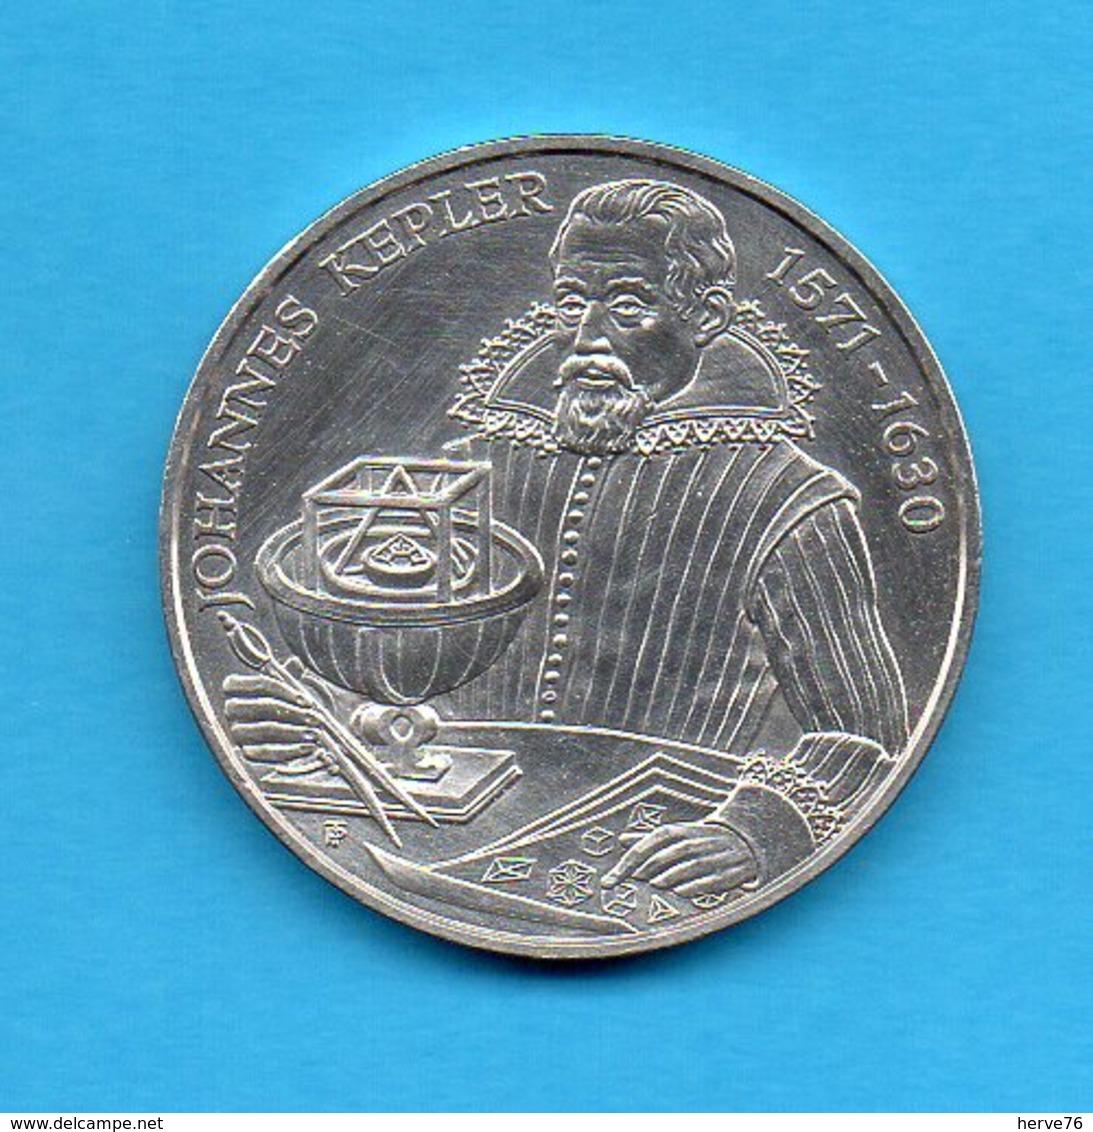 Monnaie - AUTRICHE - AUSTRIA - 10 Euro - 2002 - Argent - Autriche